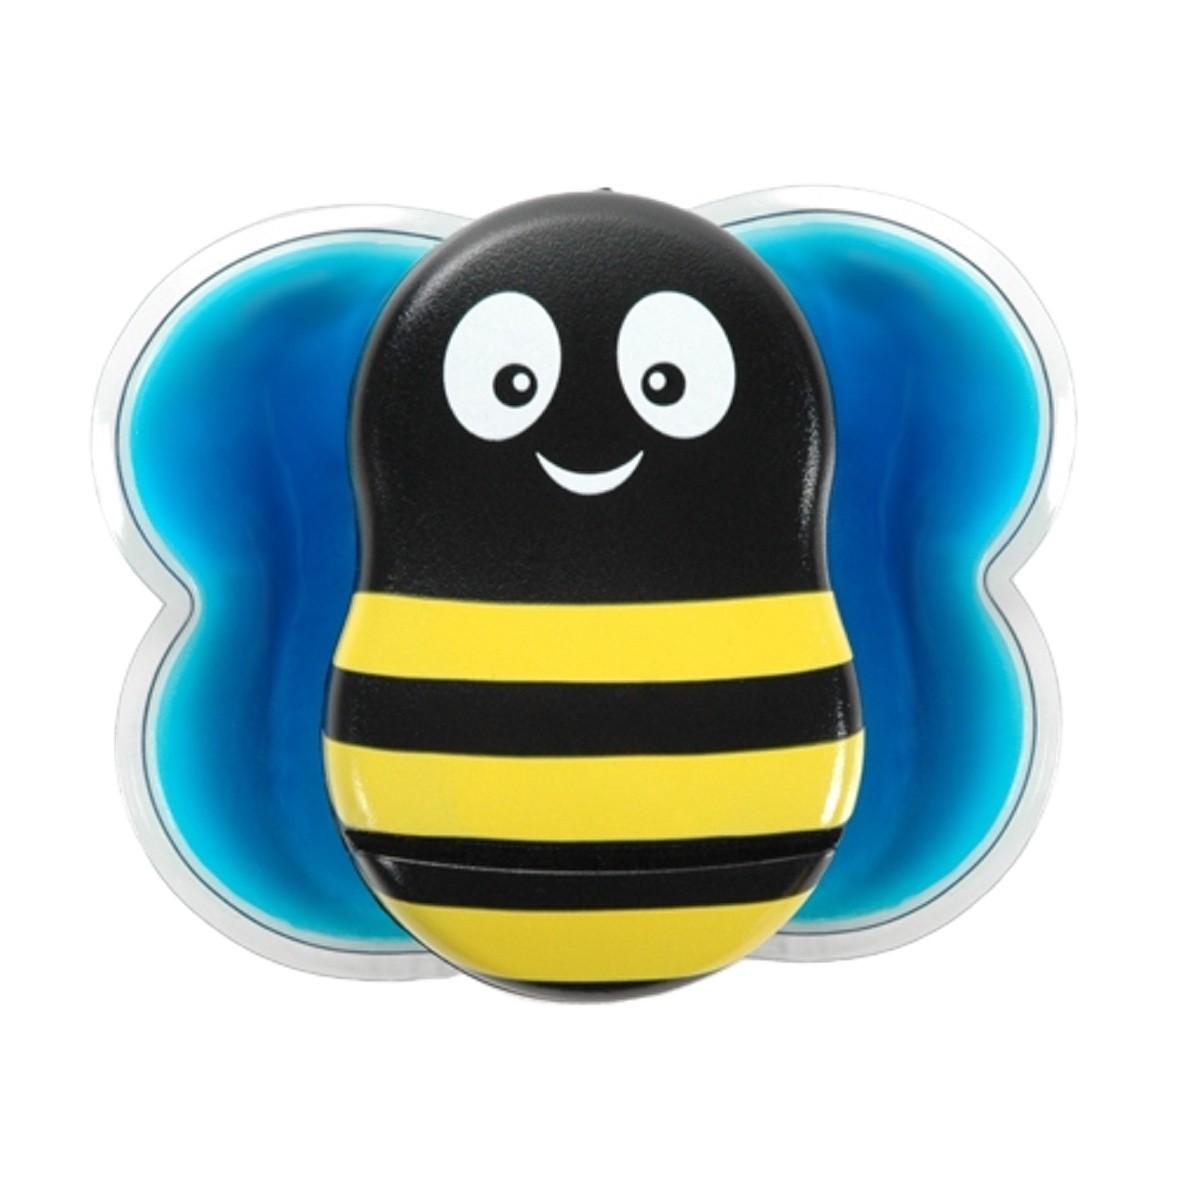 Buzzy® XL Abelha Uso Pessoal  - Buzzy Brasil